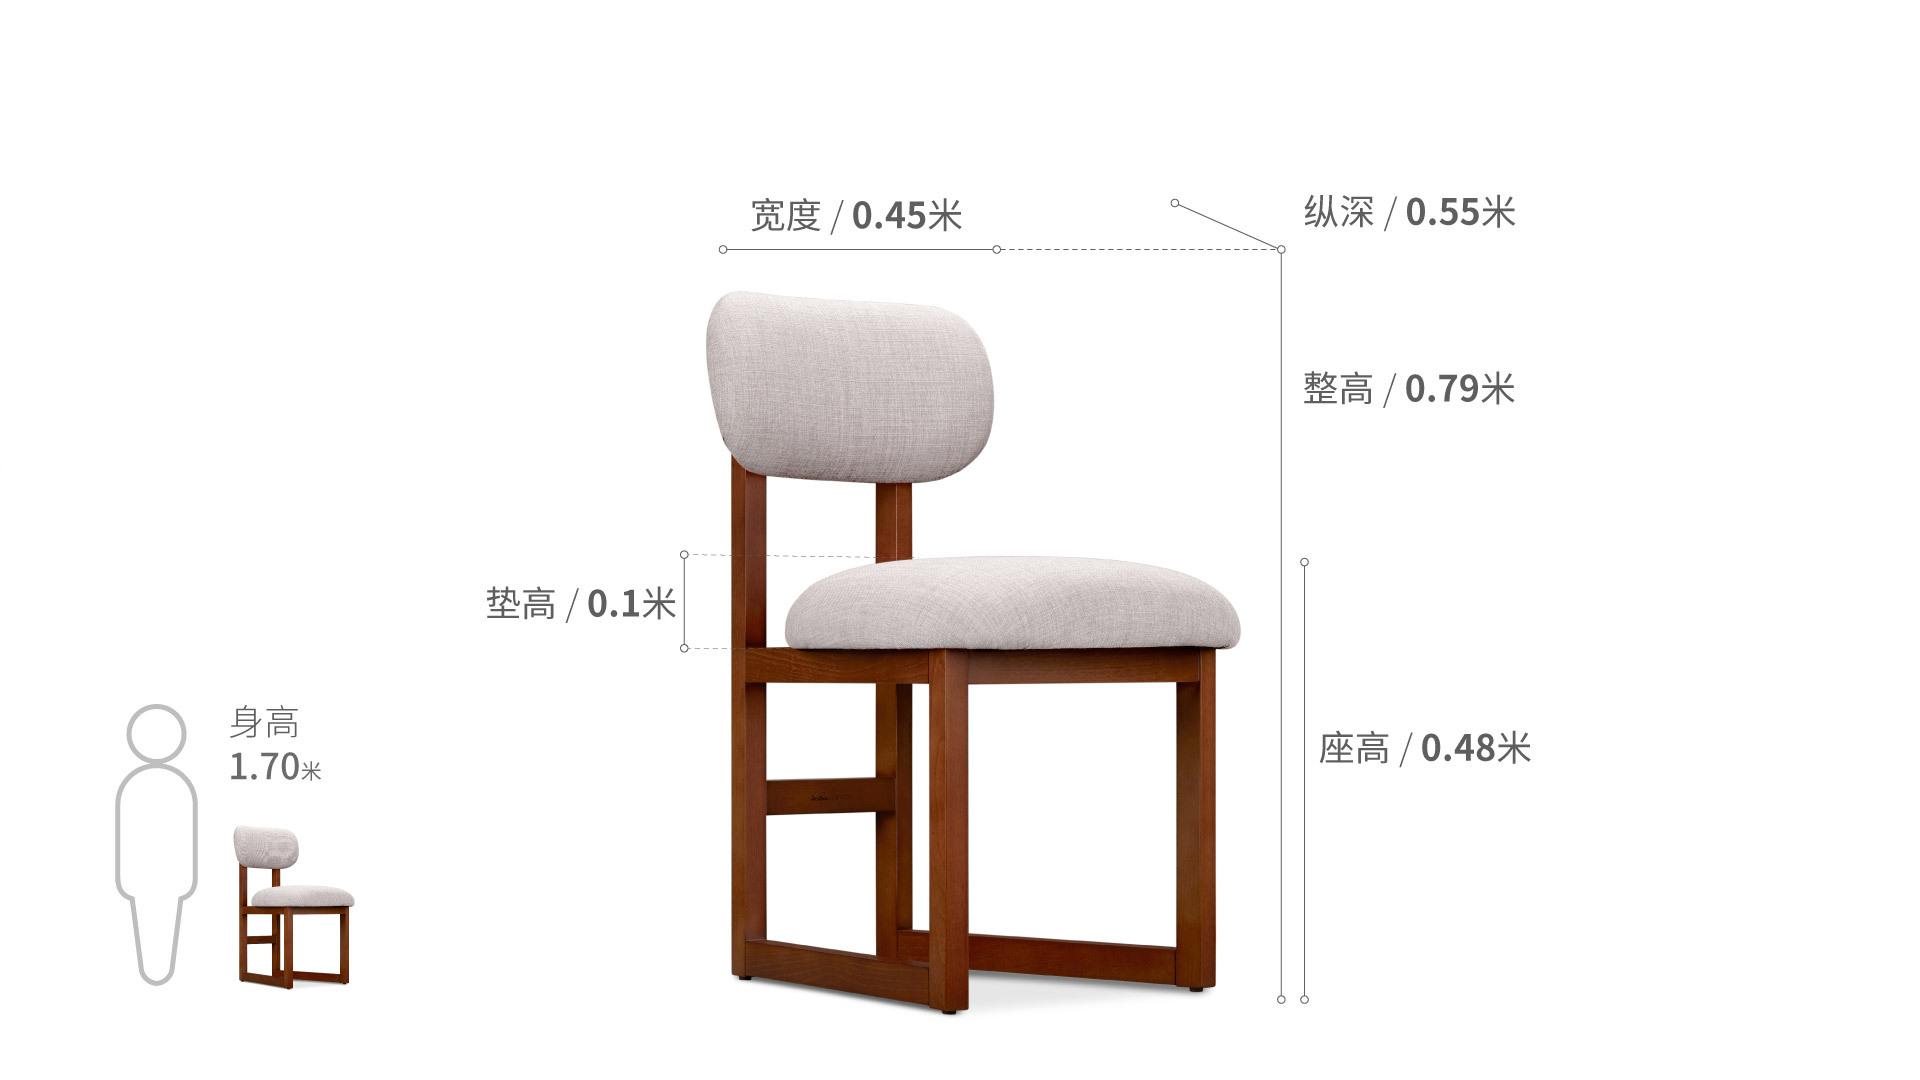 造作8点实木软椅™椅凳效果图